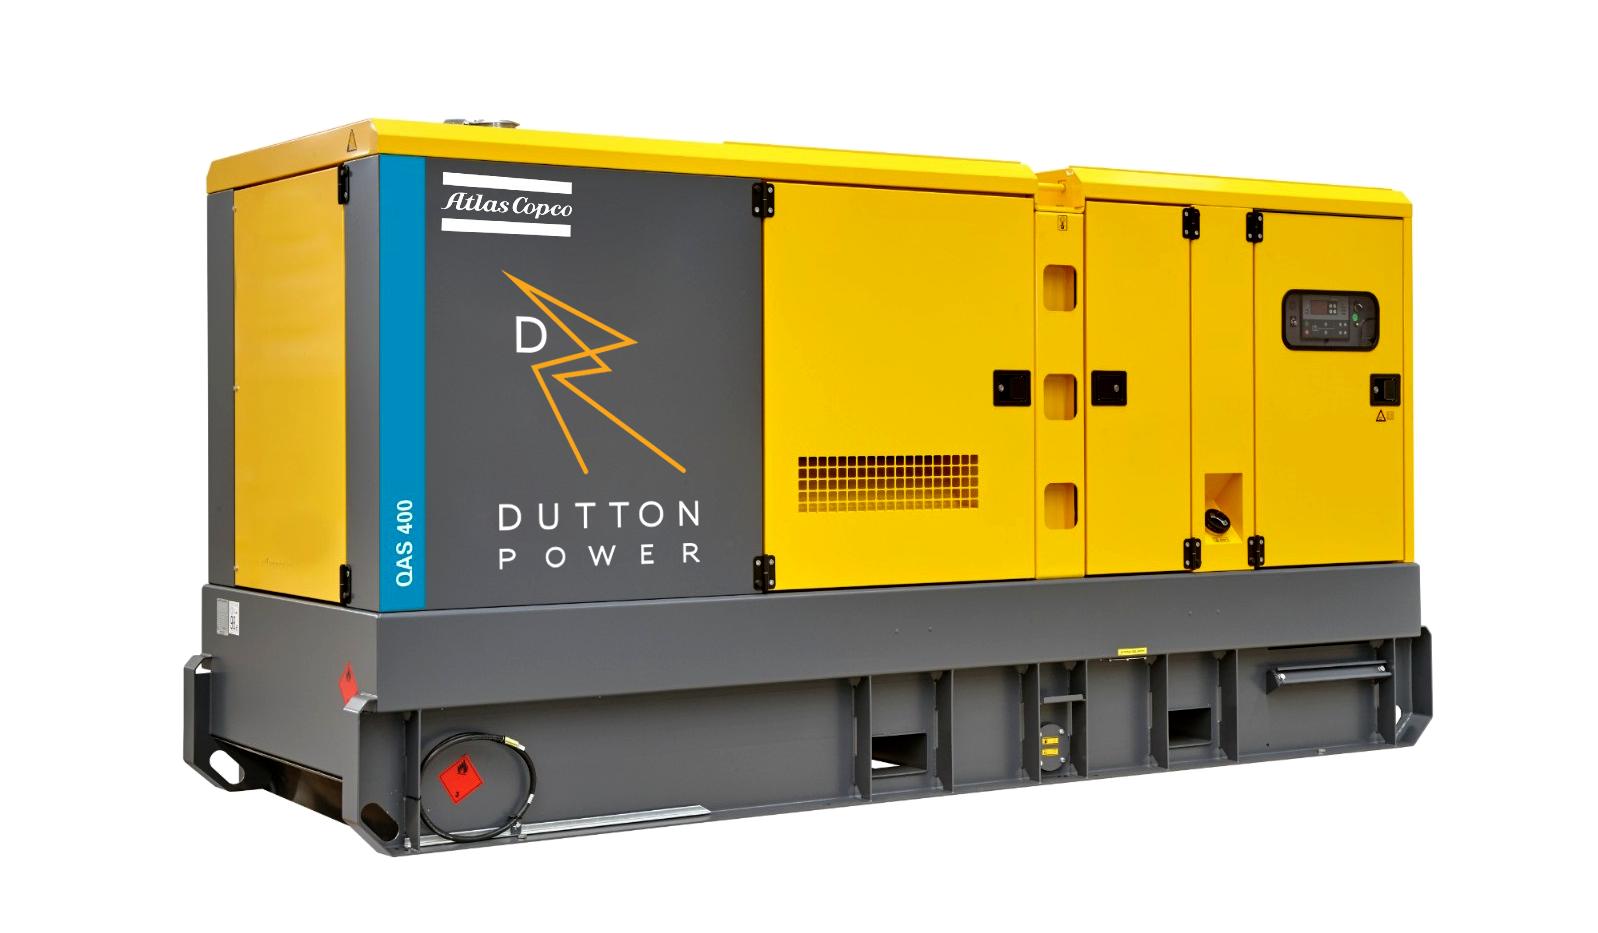 DUTTON POWER - ATLAS COPCO QAS 400